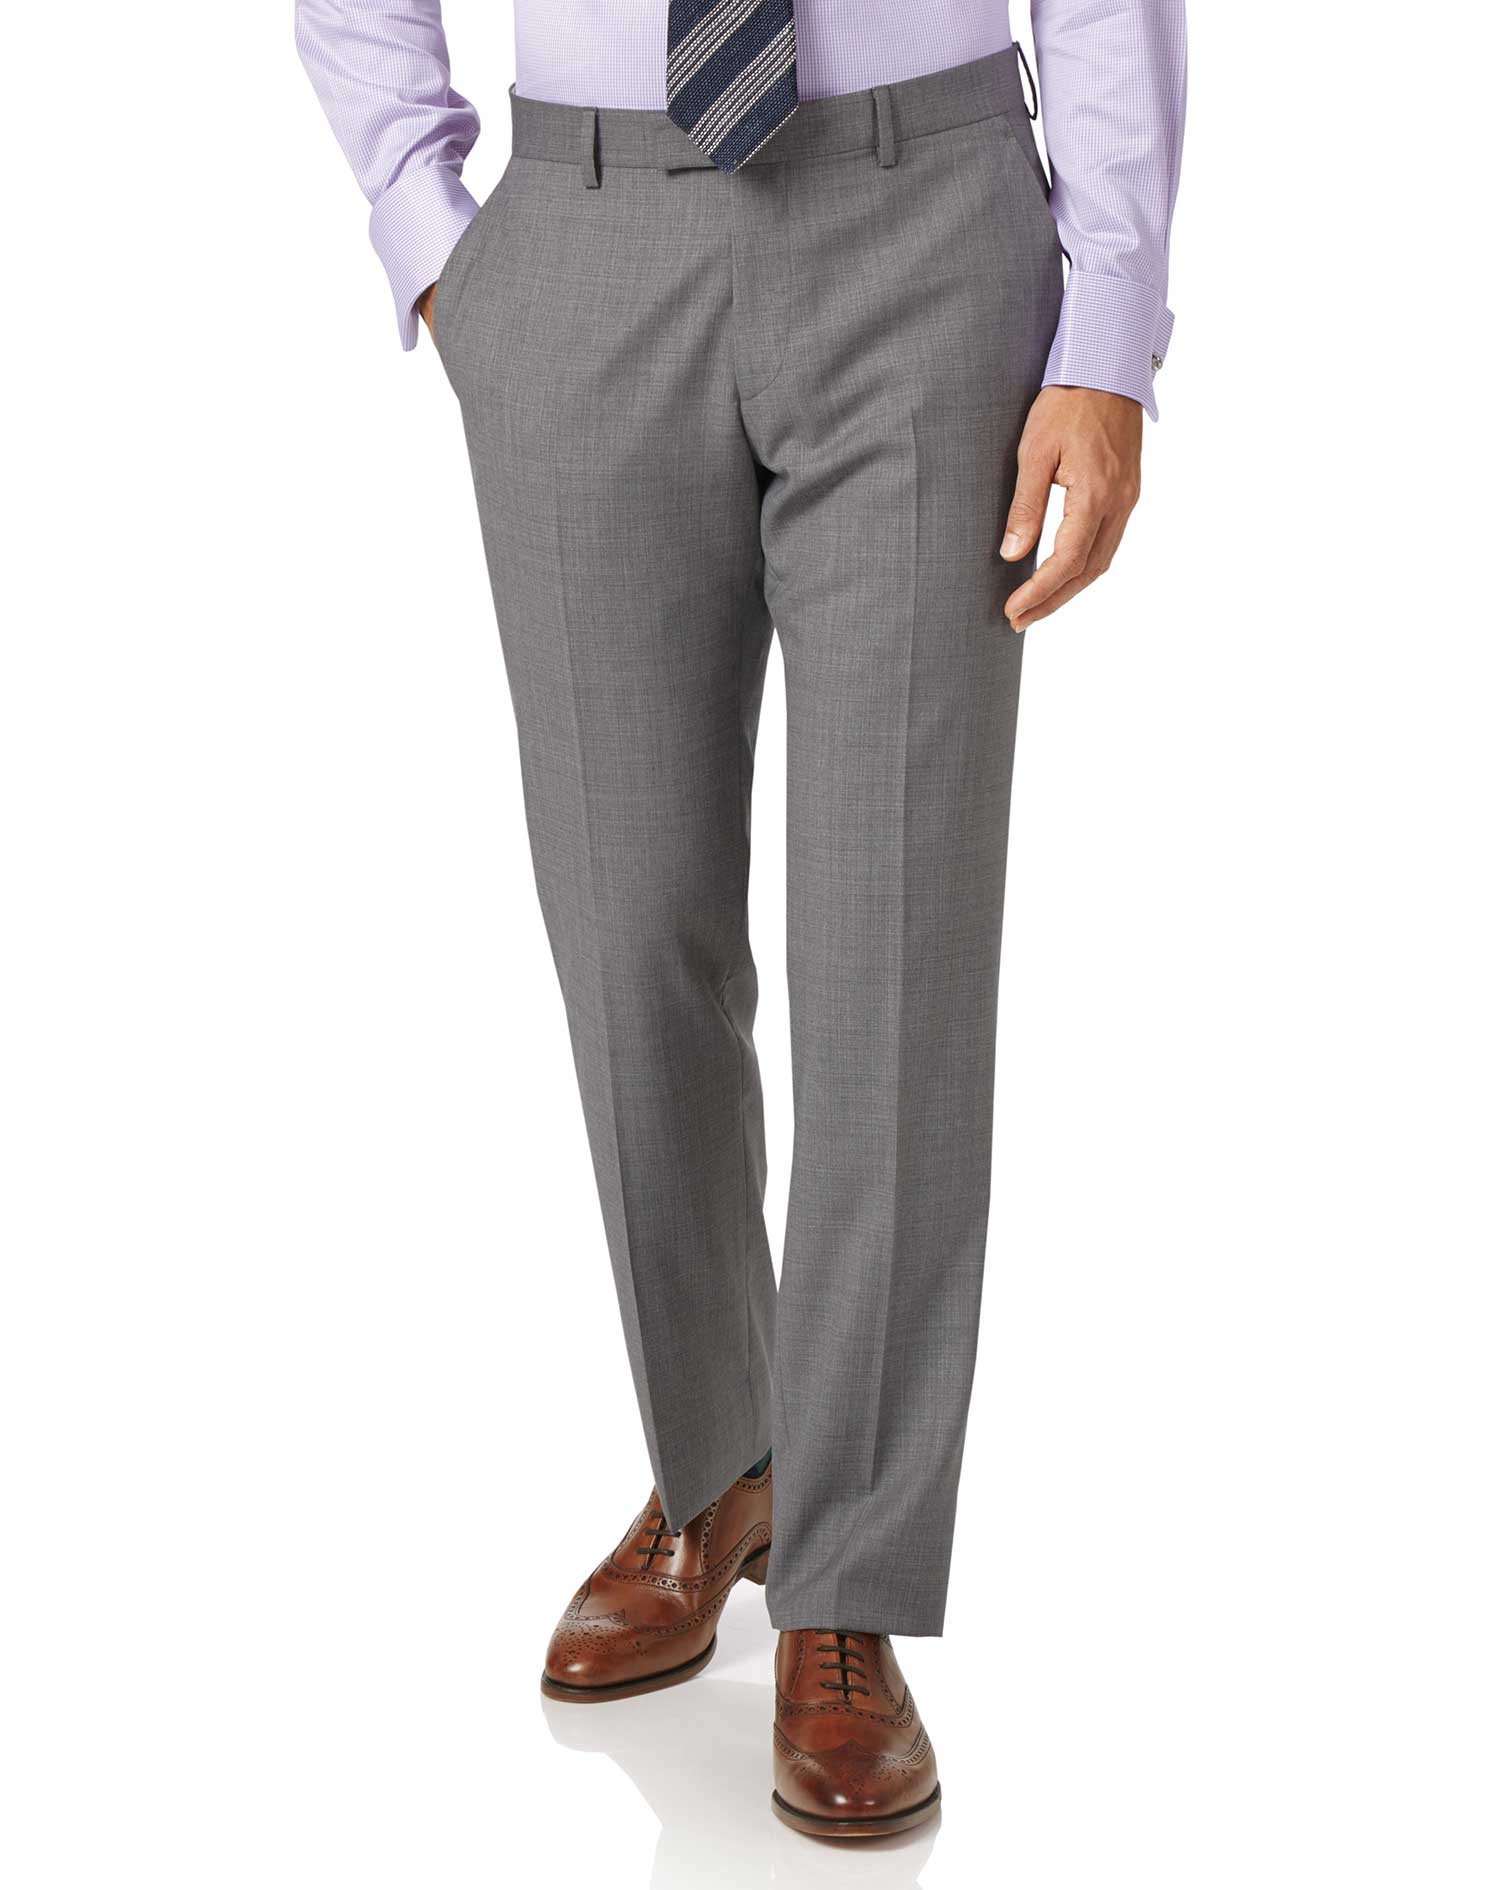 Silver Slim Fit Cross Hatch Italian Suit Trousers Size W40 L34 by Charles Tyrwhitt